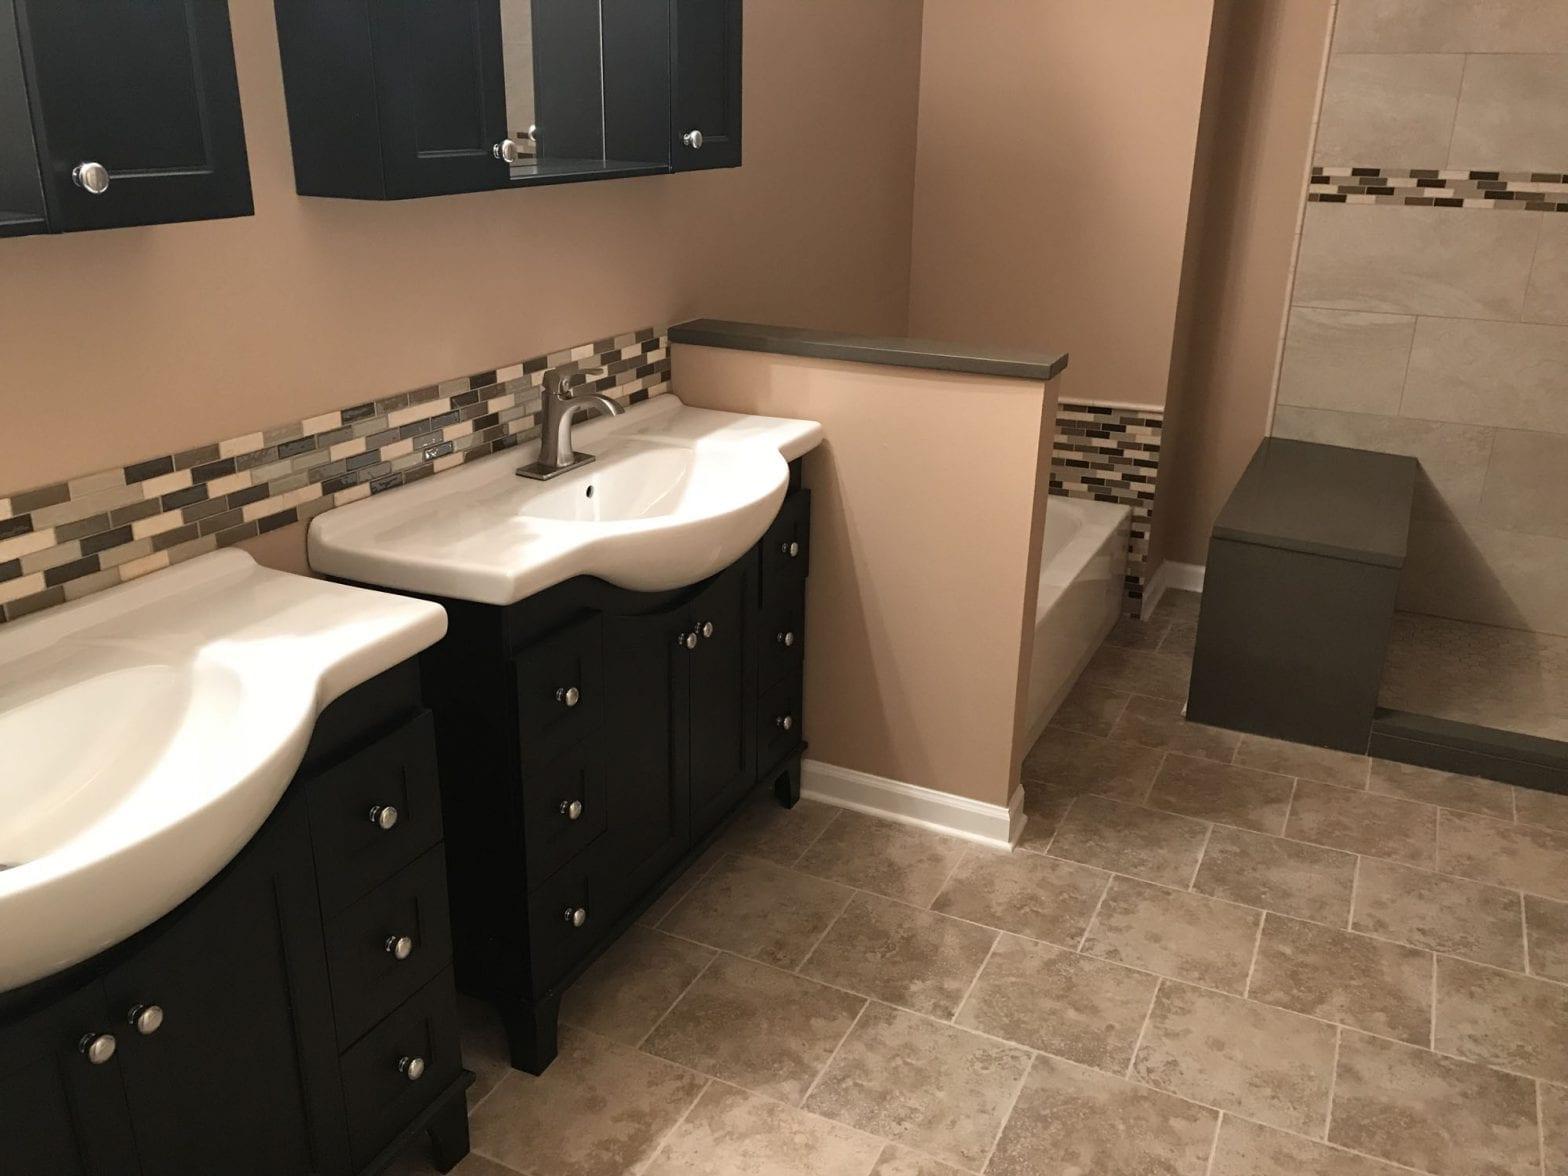 Bathroom Remodeling In Hanover Park - natural stone tile and backsplash